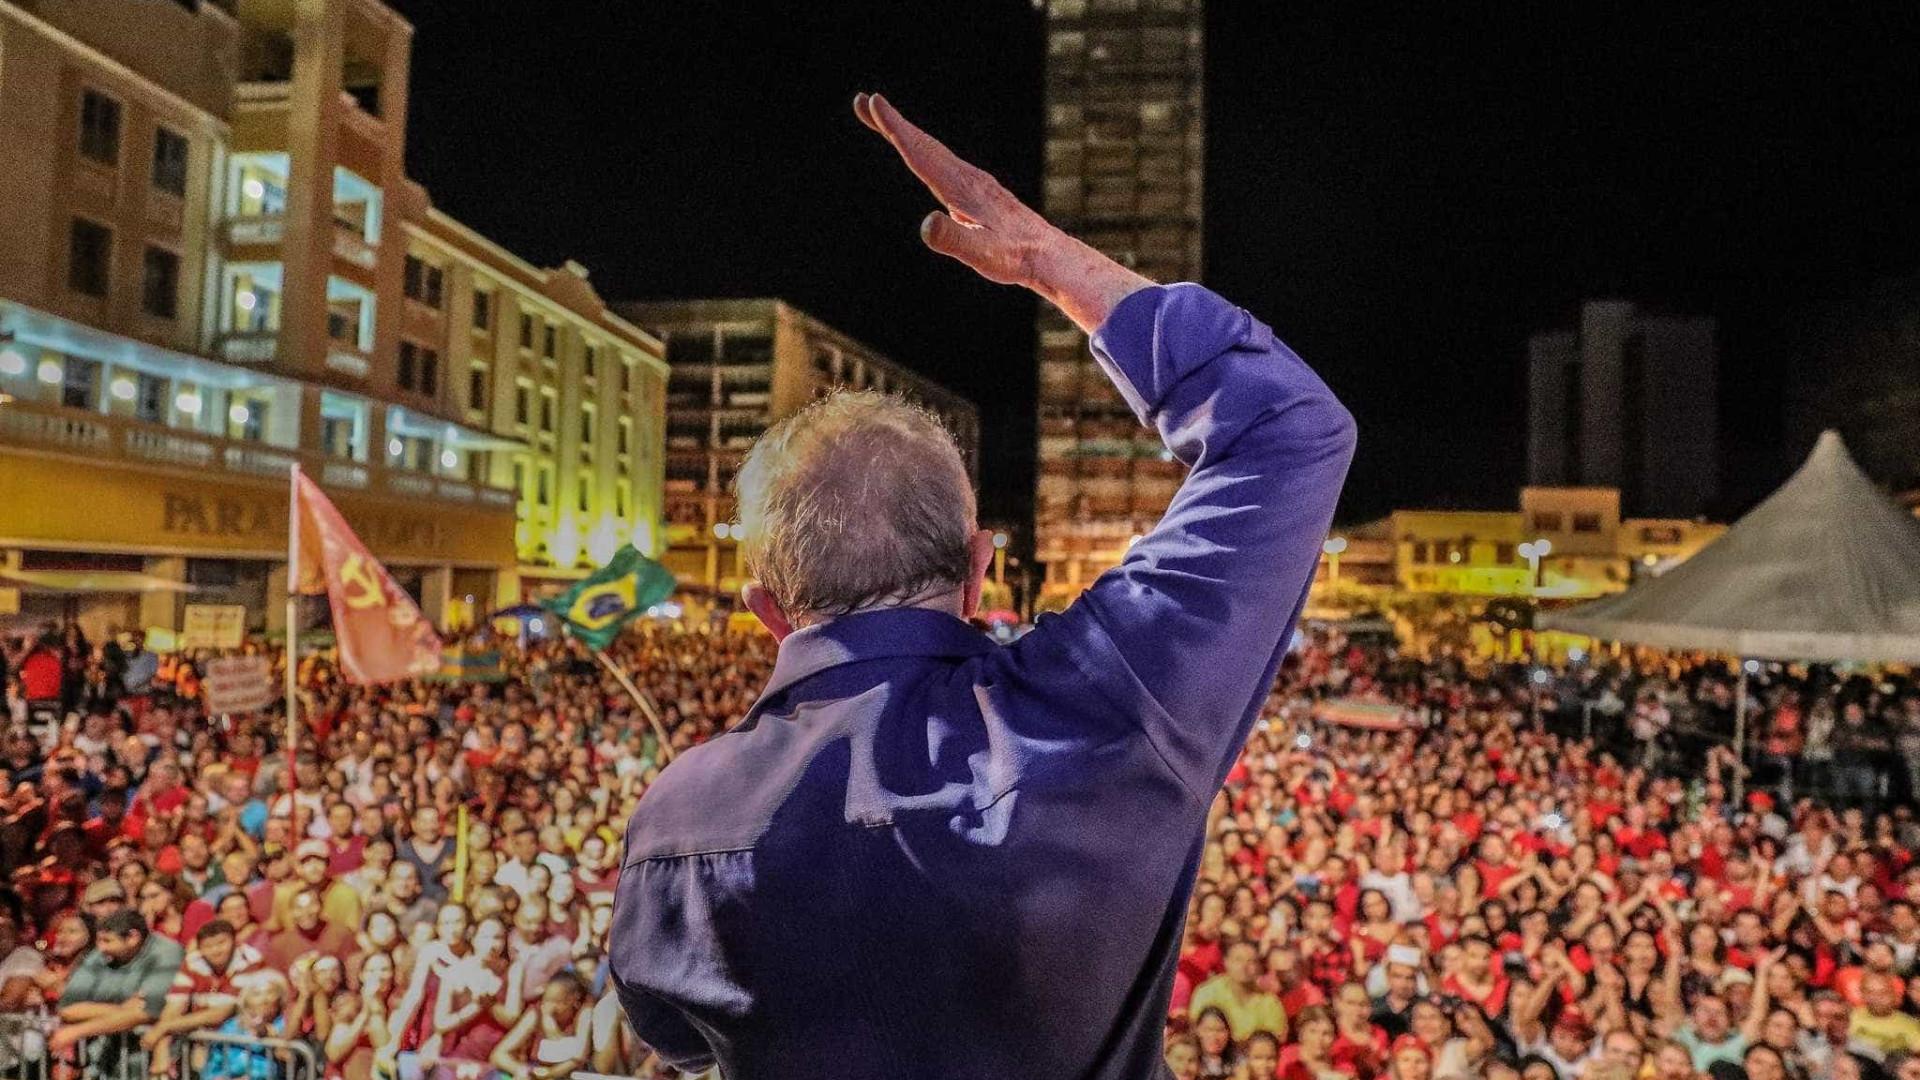 Responsáveis por Lava Jato são 'canalhas', diz Lula na Paraíba